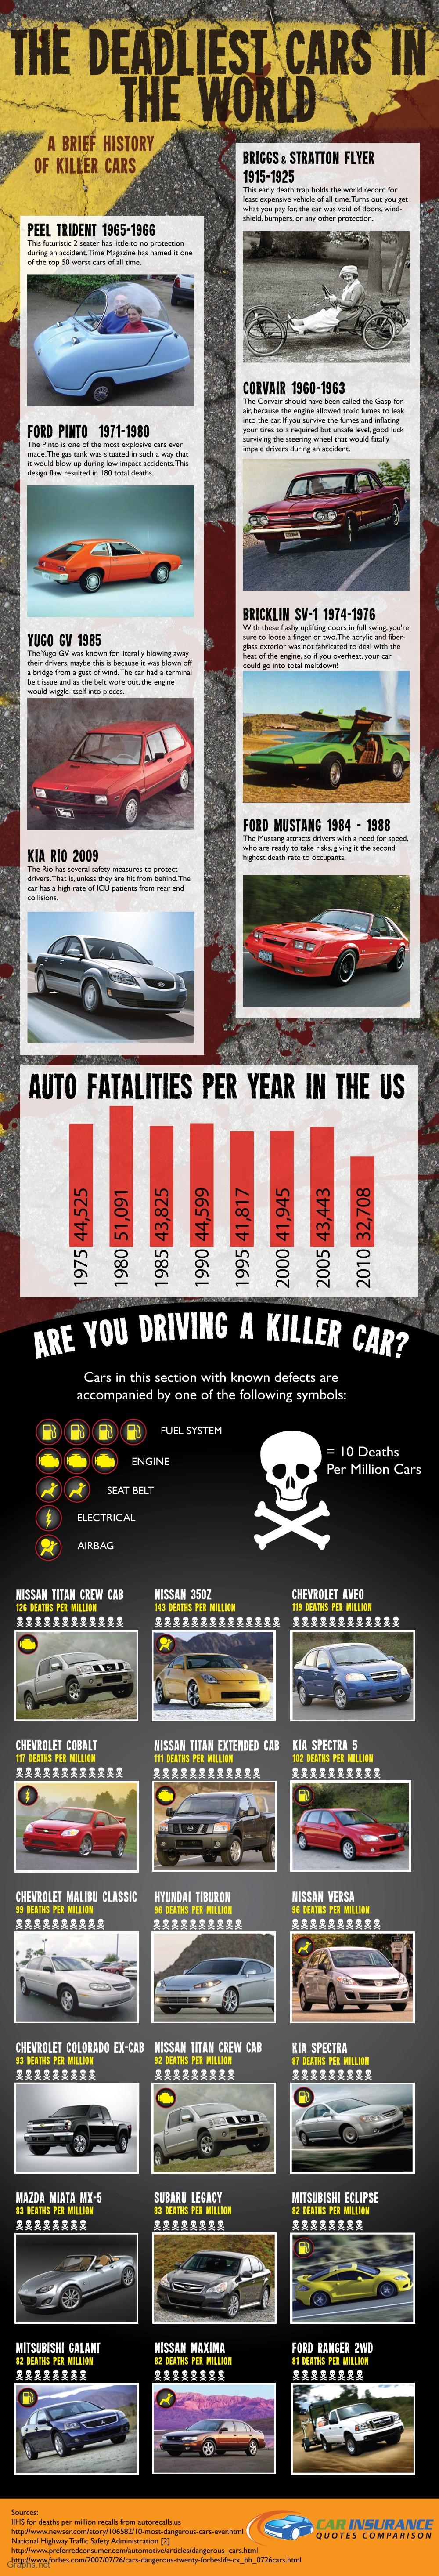 World's Most Deadliest Cars